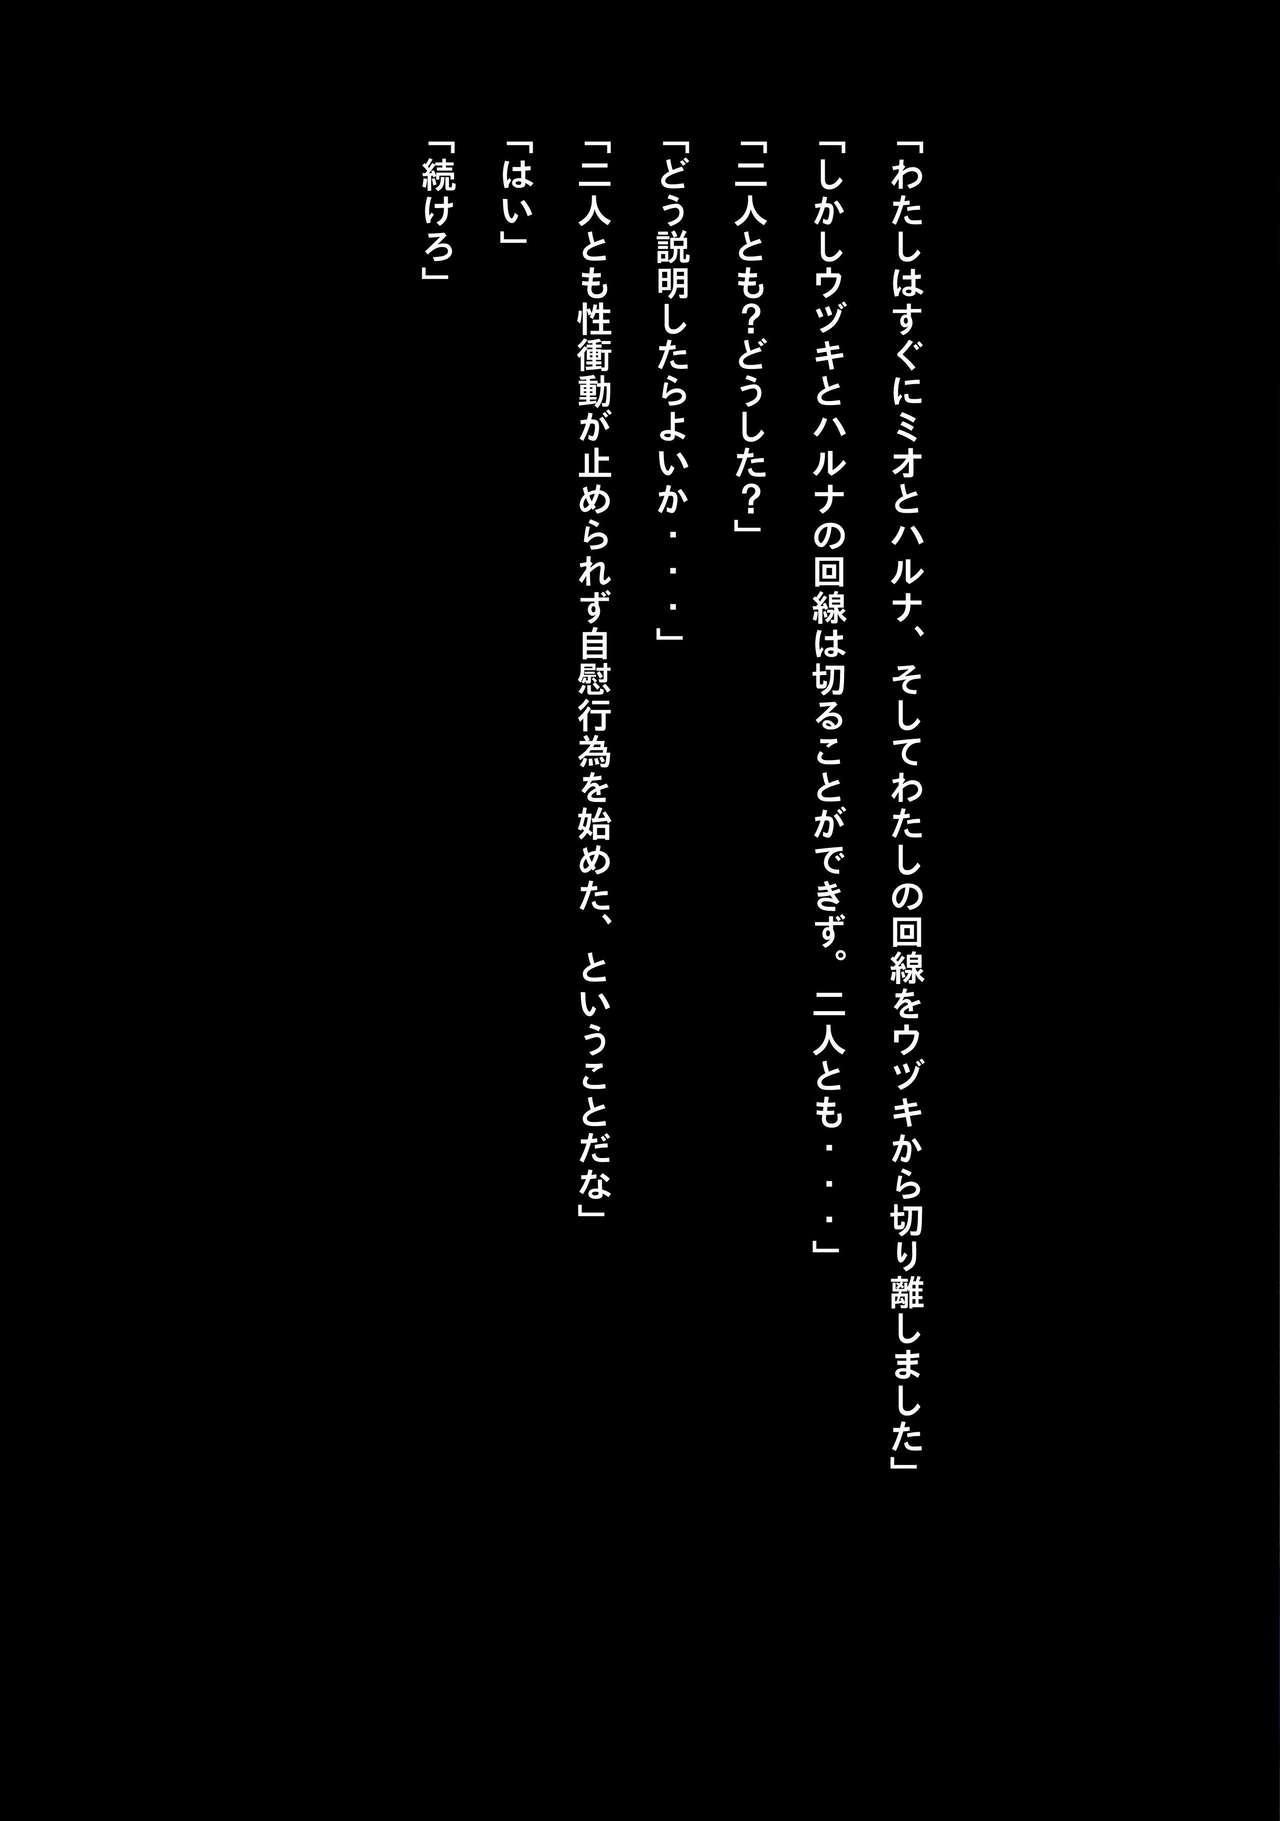 Idol Cyber Battle NEO GENERATOR episode 3 Seisan! Shi o kakugo shita shunkan 18